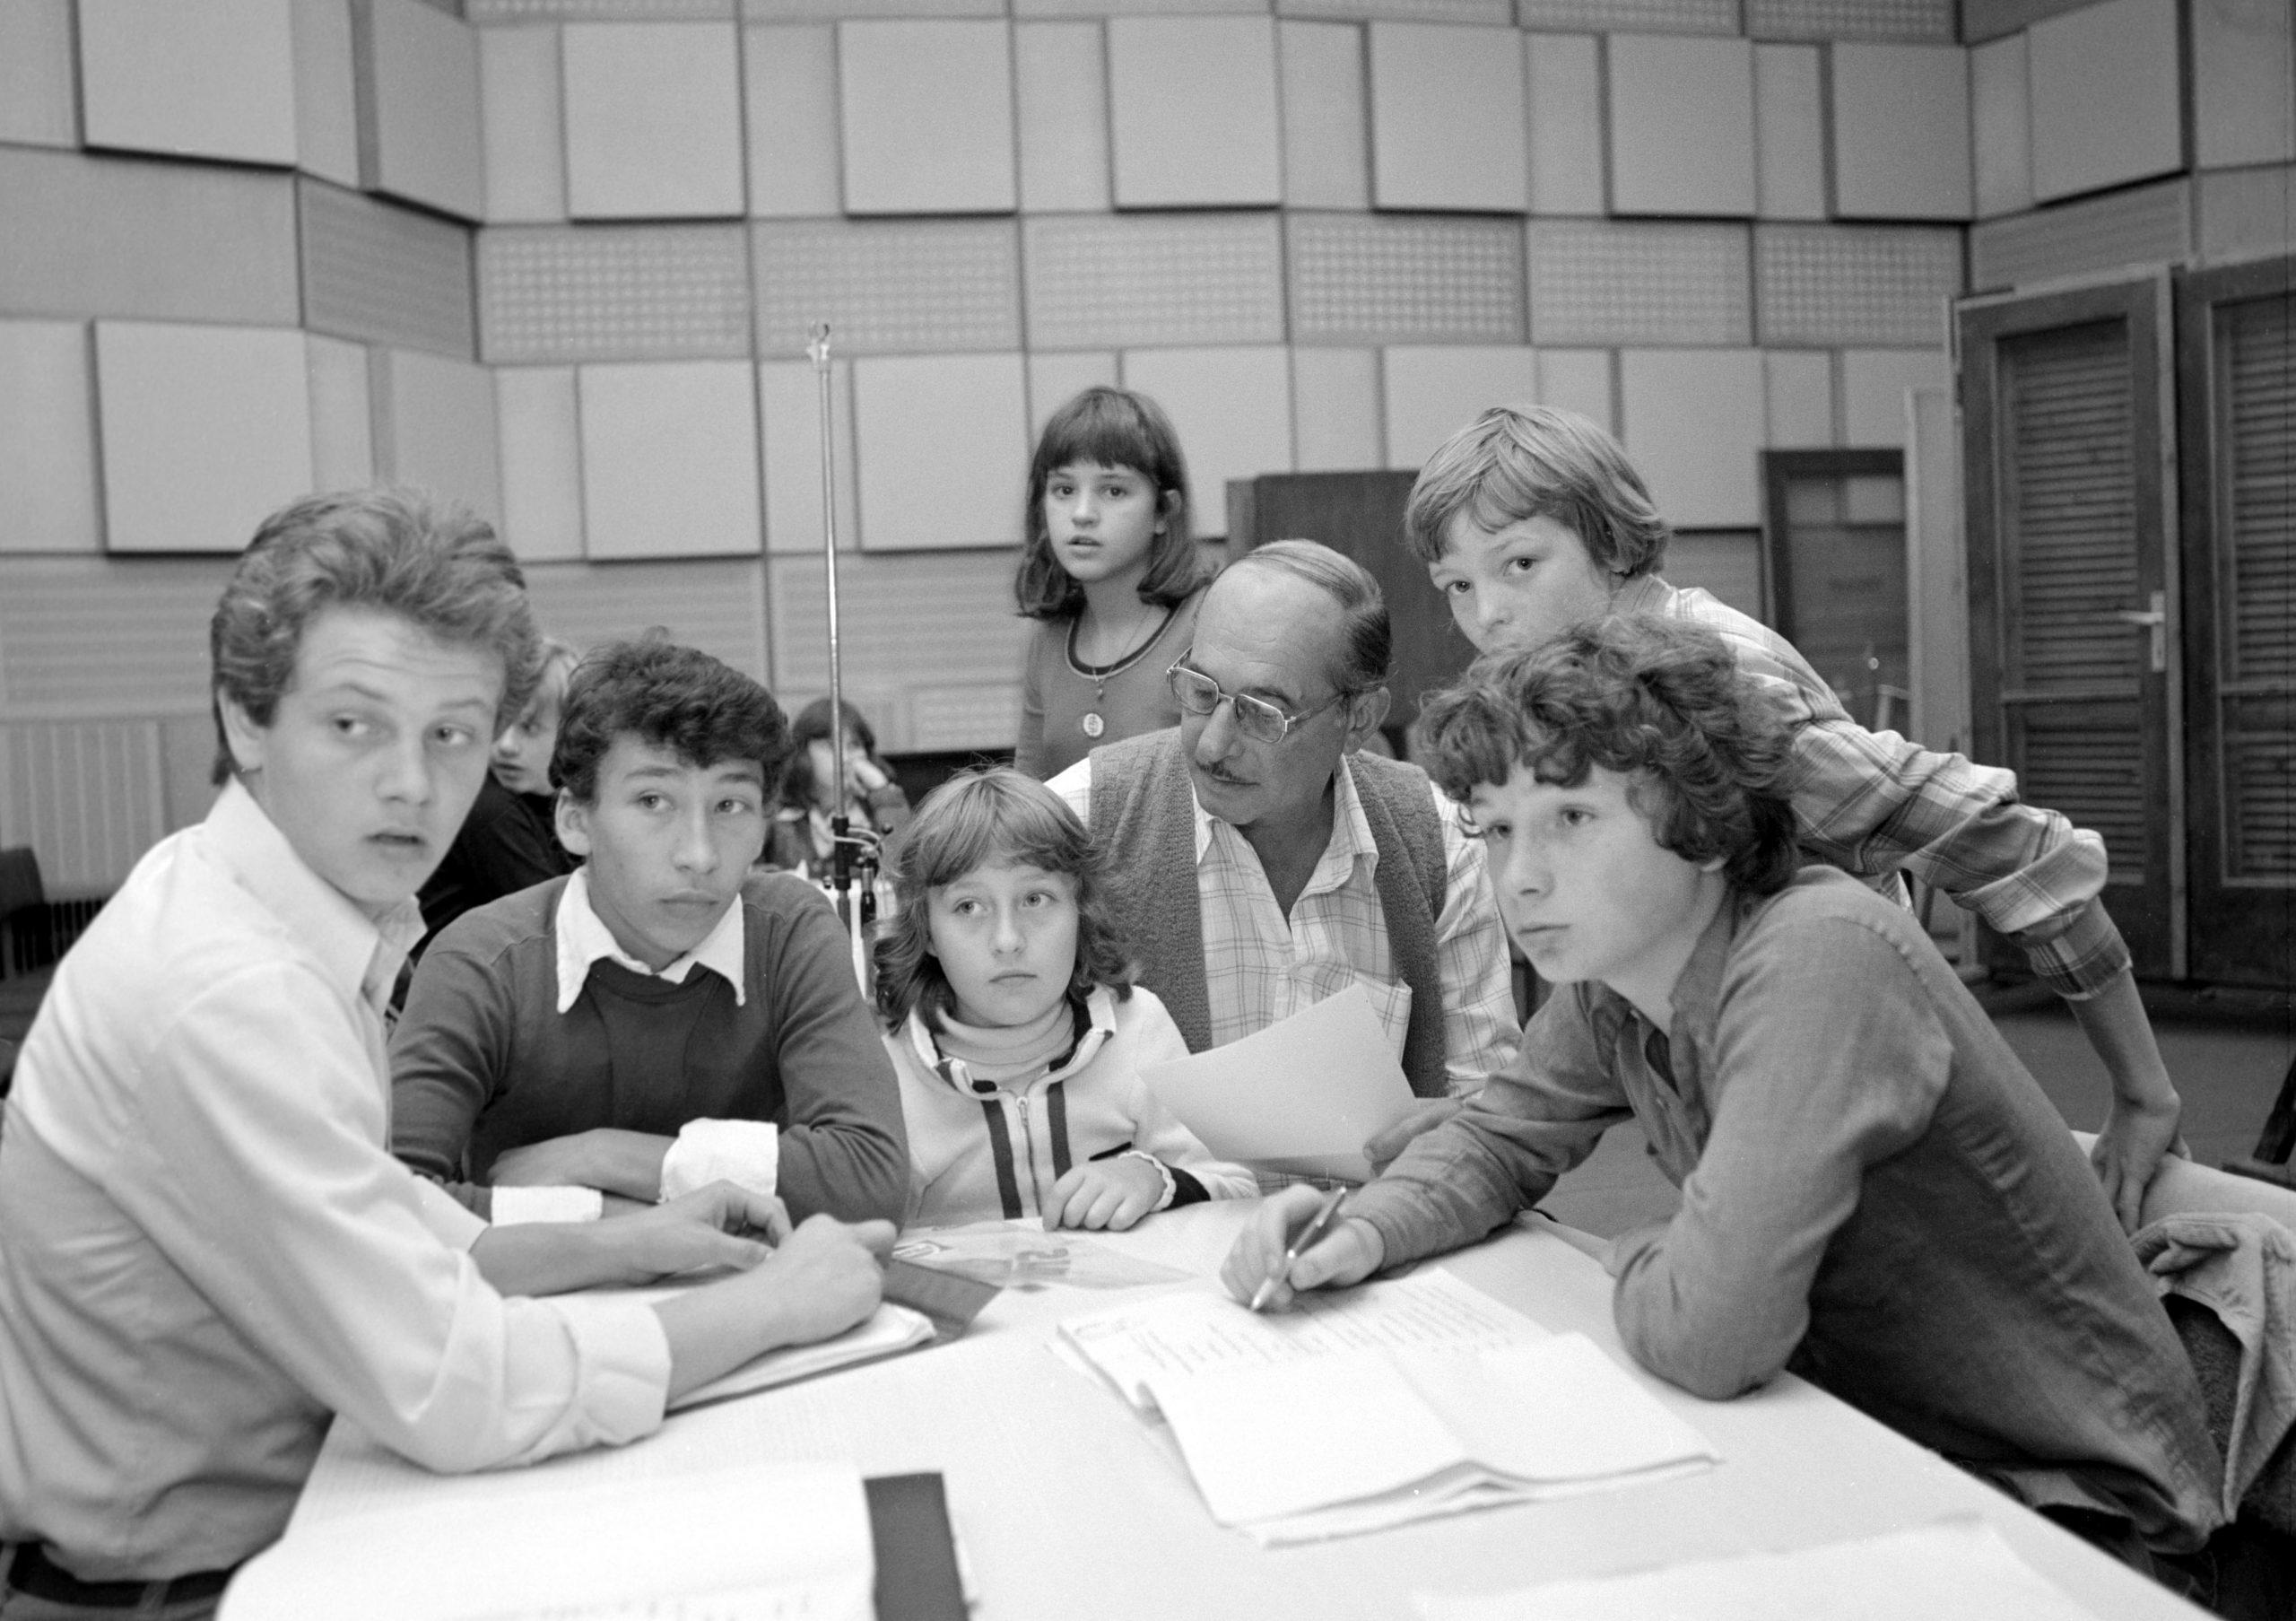 Mándy Iván: Csutak eltűnik... címû rádiójátékának szereplői, középen Velenczey István színművész, jobbról a fiatal Geszti Péter, 1979 / Fotó: MTI